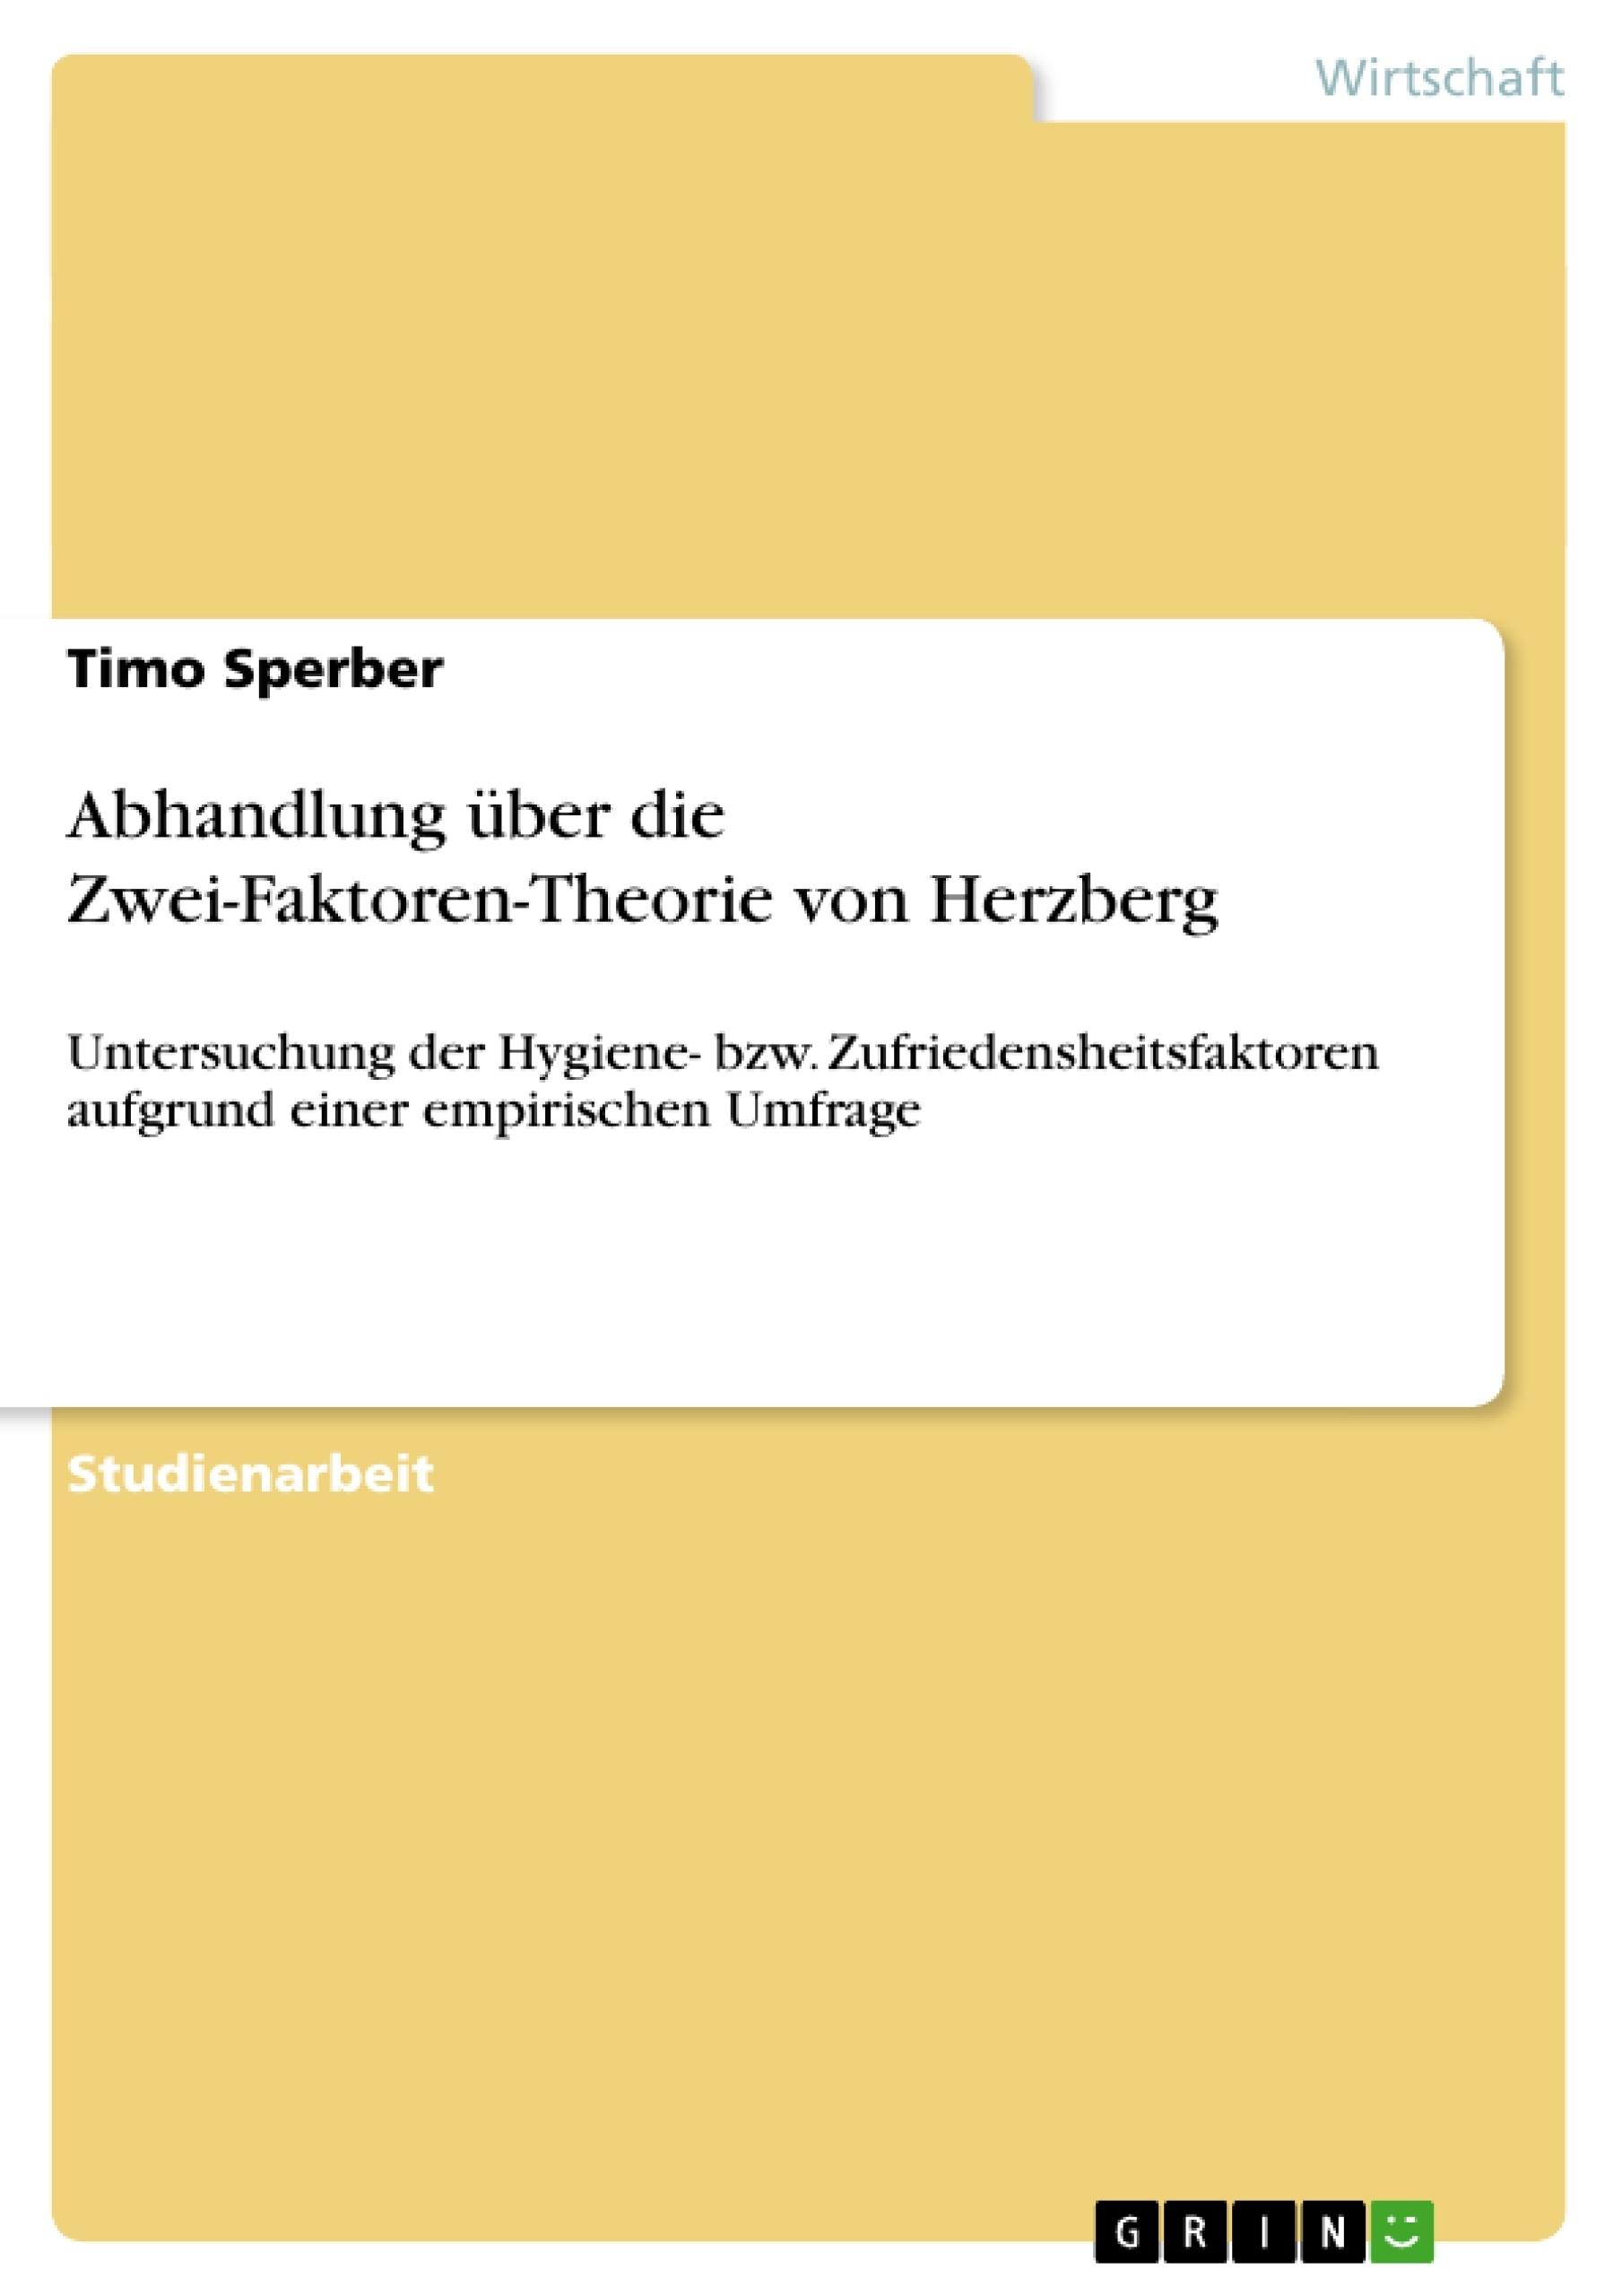 Titel: Abhandlung über die Zwei-Faktoren-Theorie von Herzberg